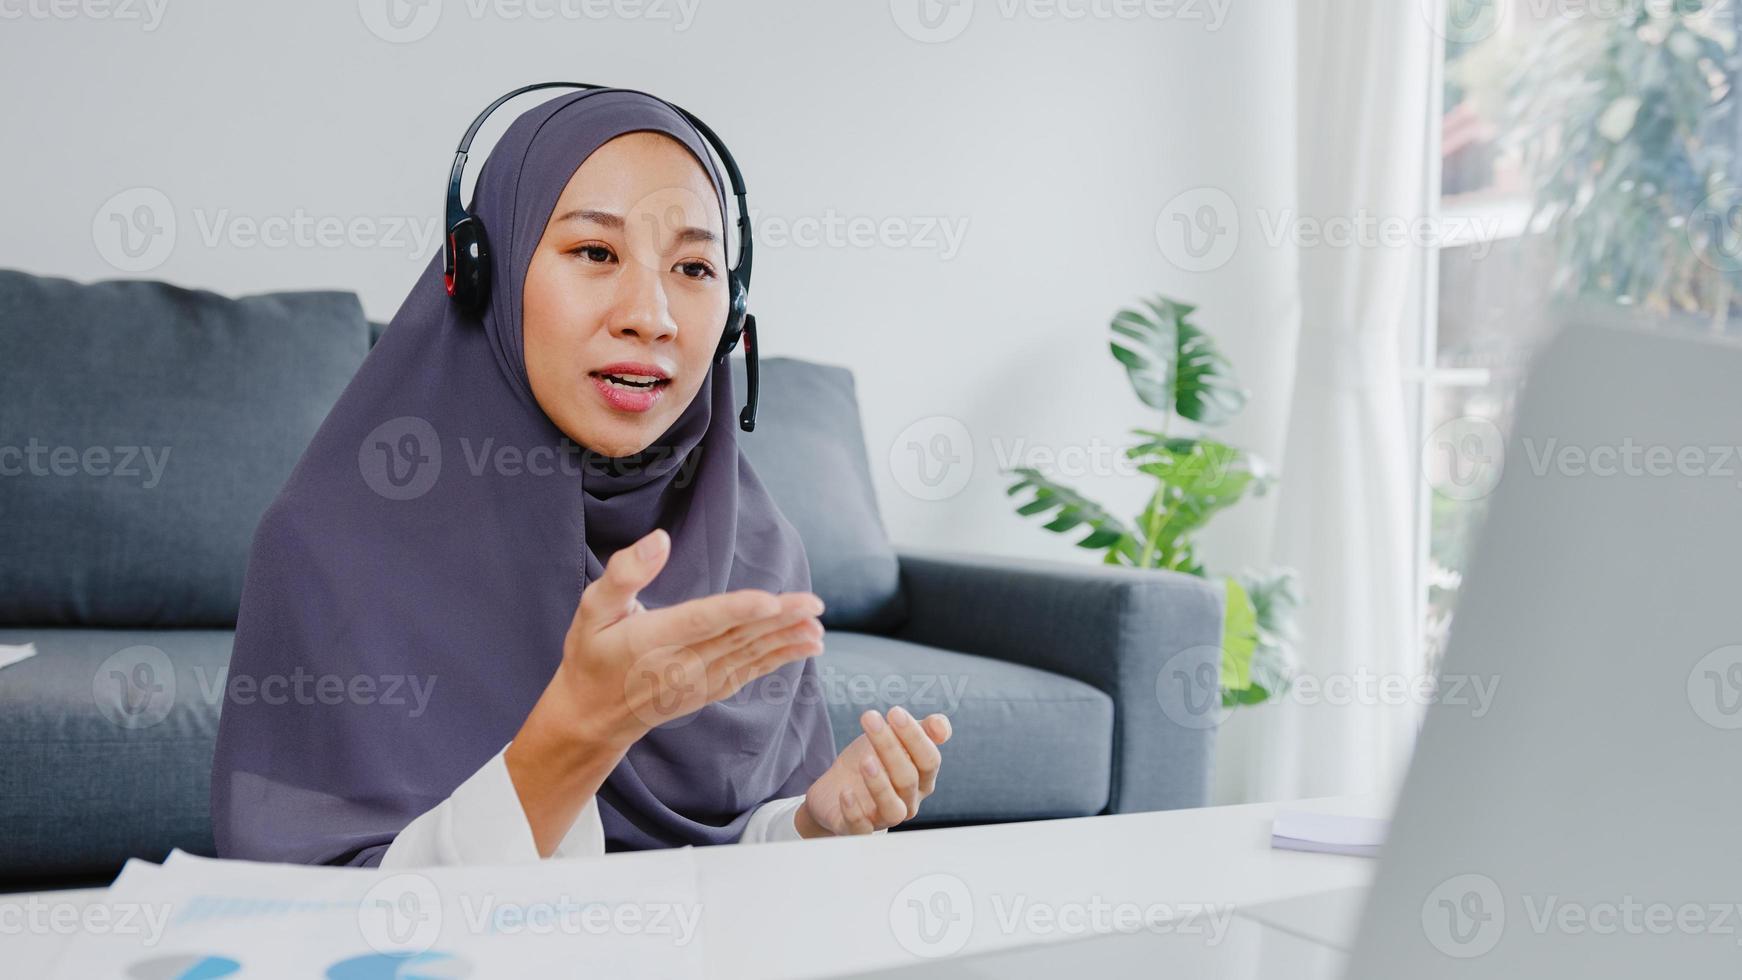 asiatische muslimische dame tragen kopfhörer mit laptop sprechen mit kollegen über den plan in konferenz-videoanrufen, während sie von zu hause im wohnzimmer arbeiten. soziale Distanzierung, Quarantäne zur Vorbeugung des Coronavirus. foto